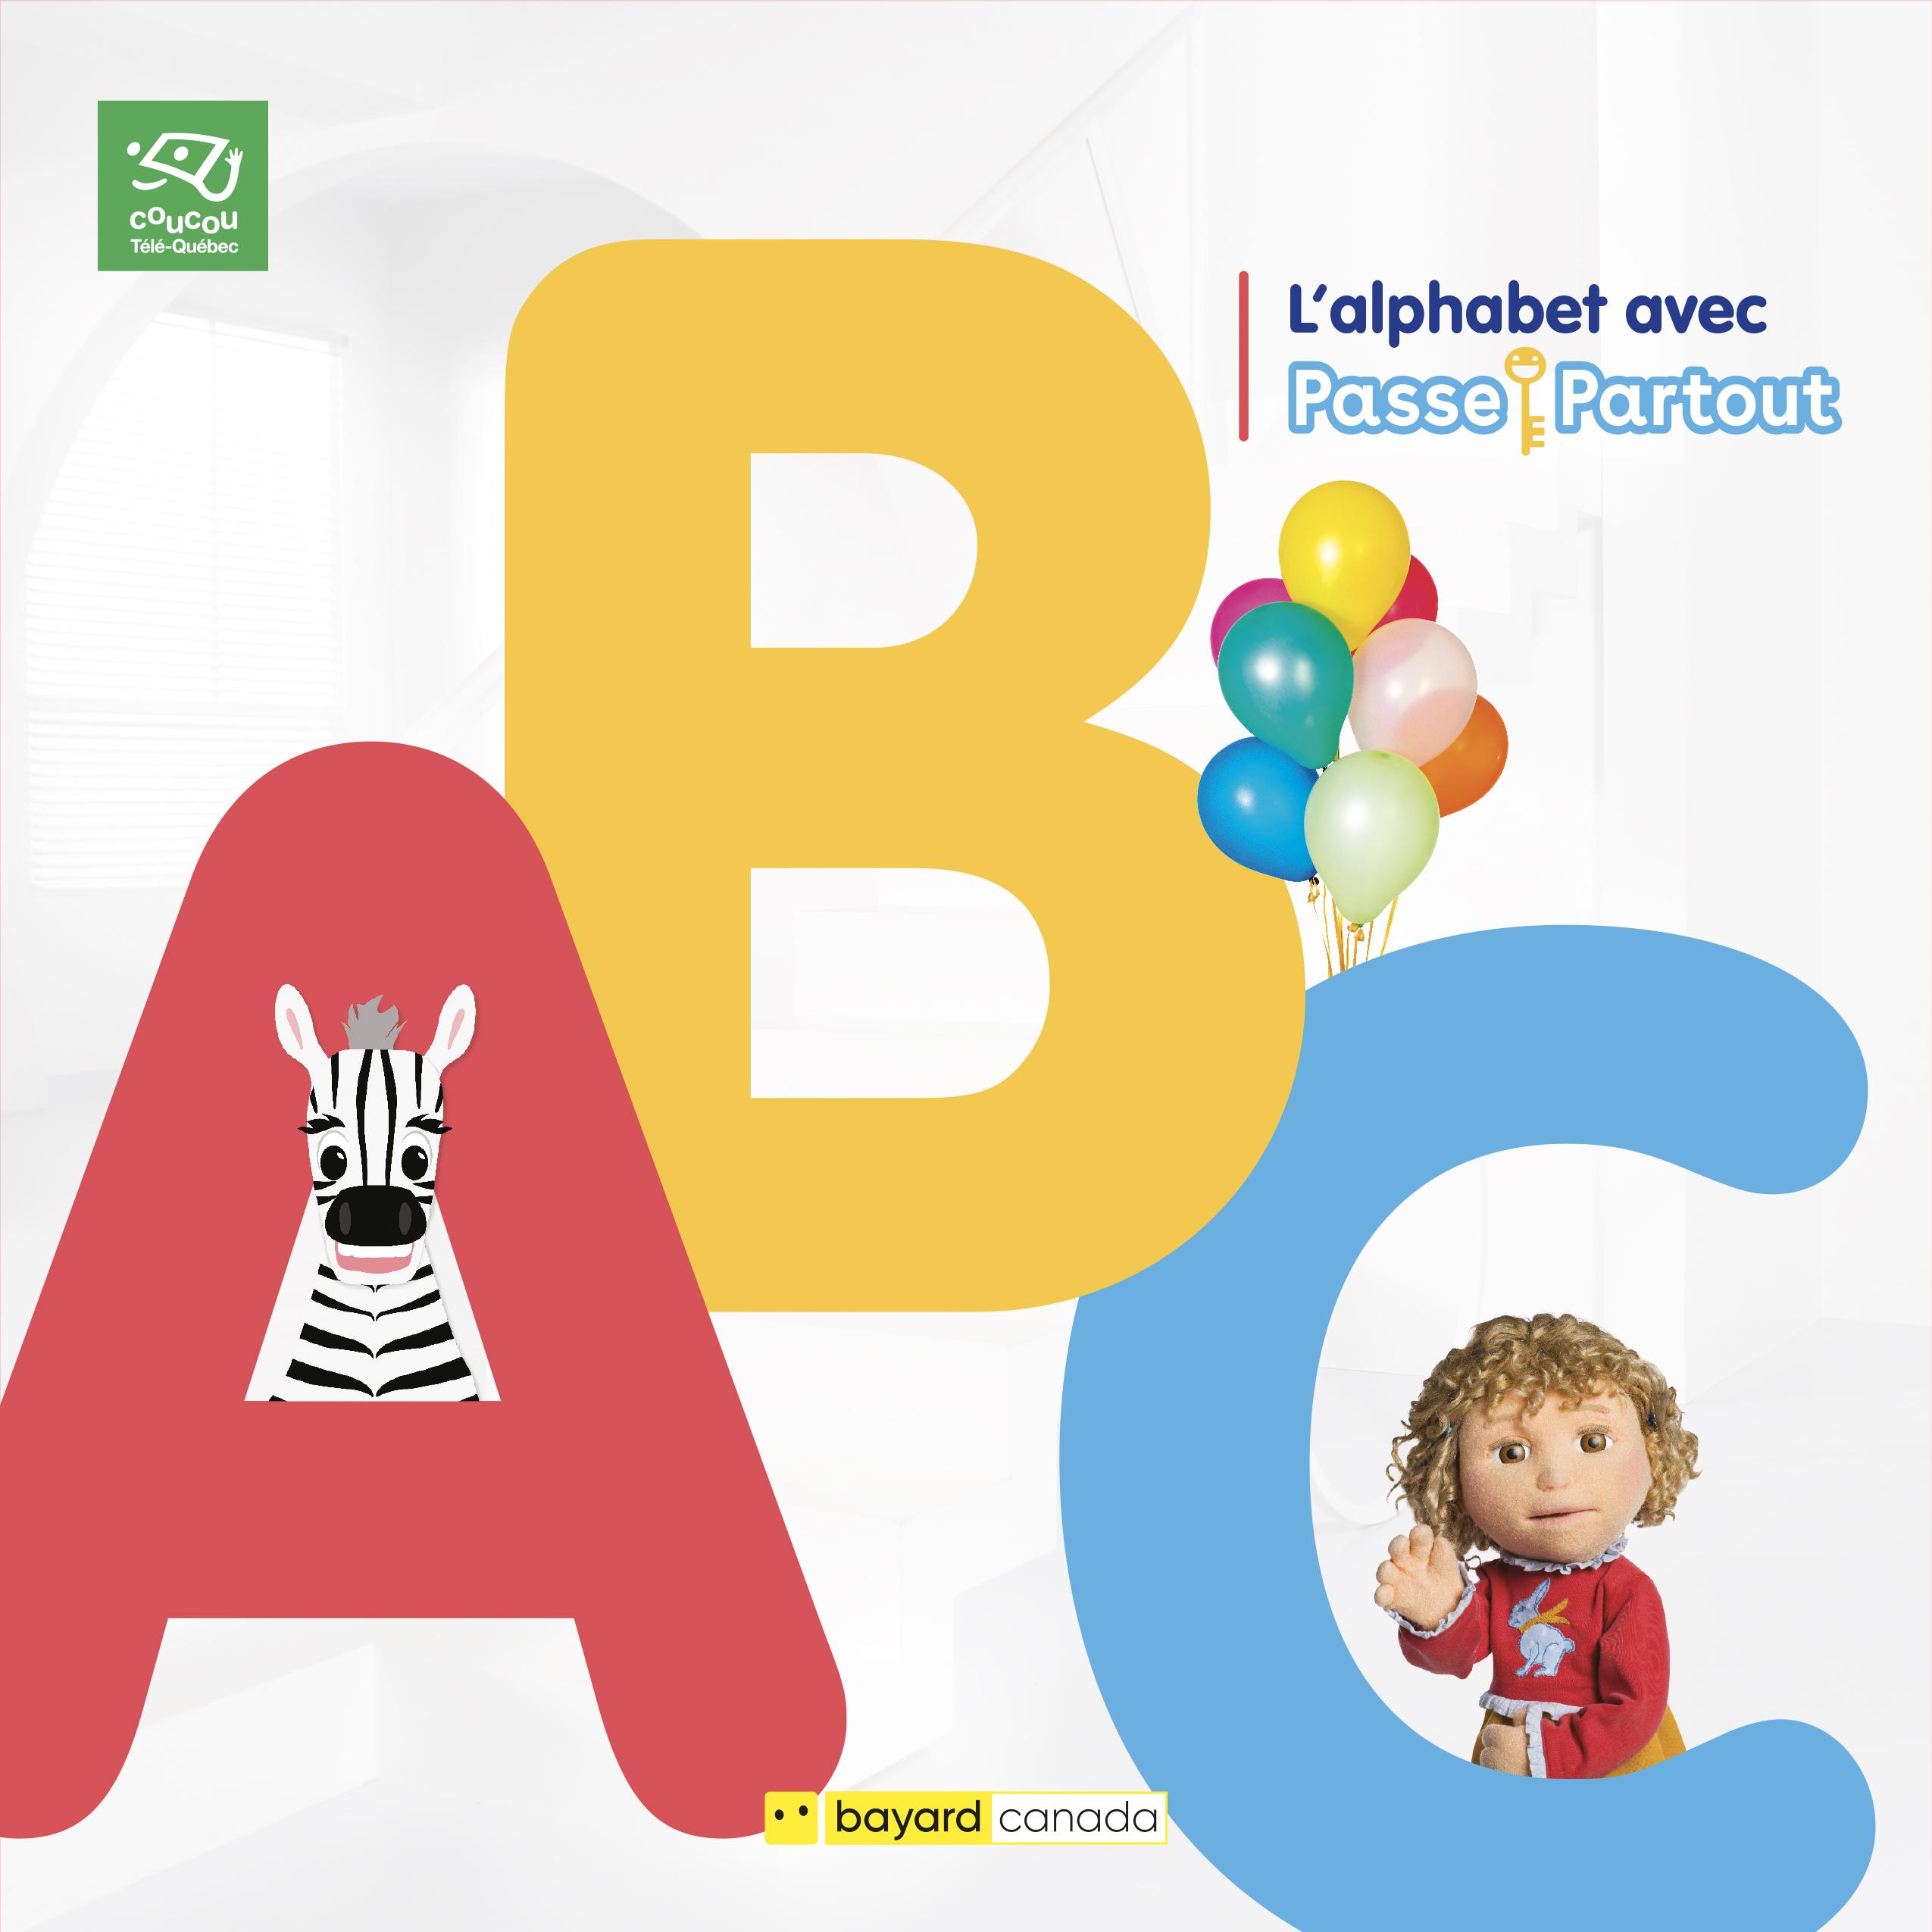 L'alphabet avec Passe-Partout